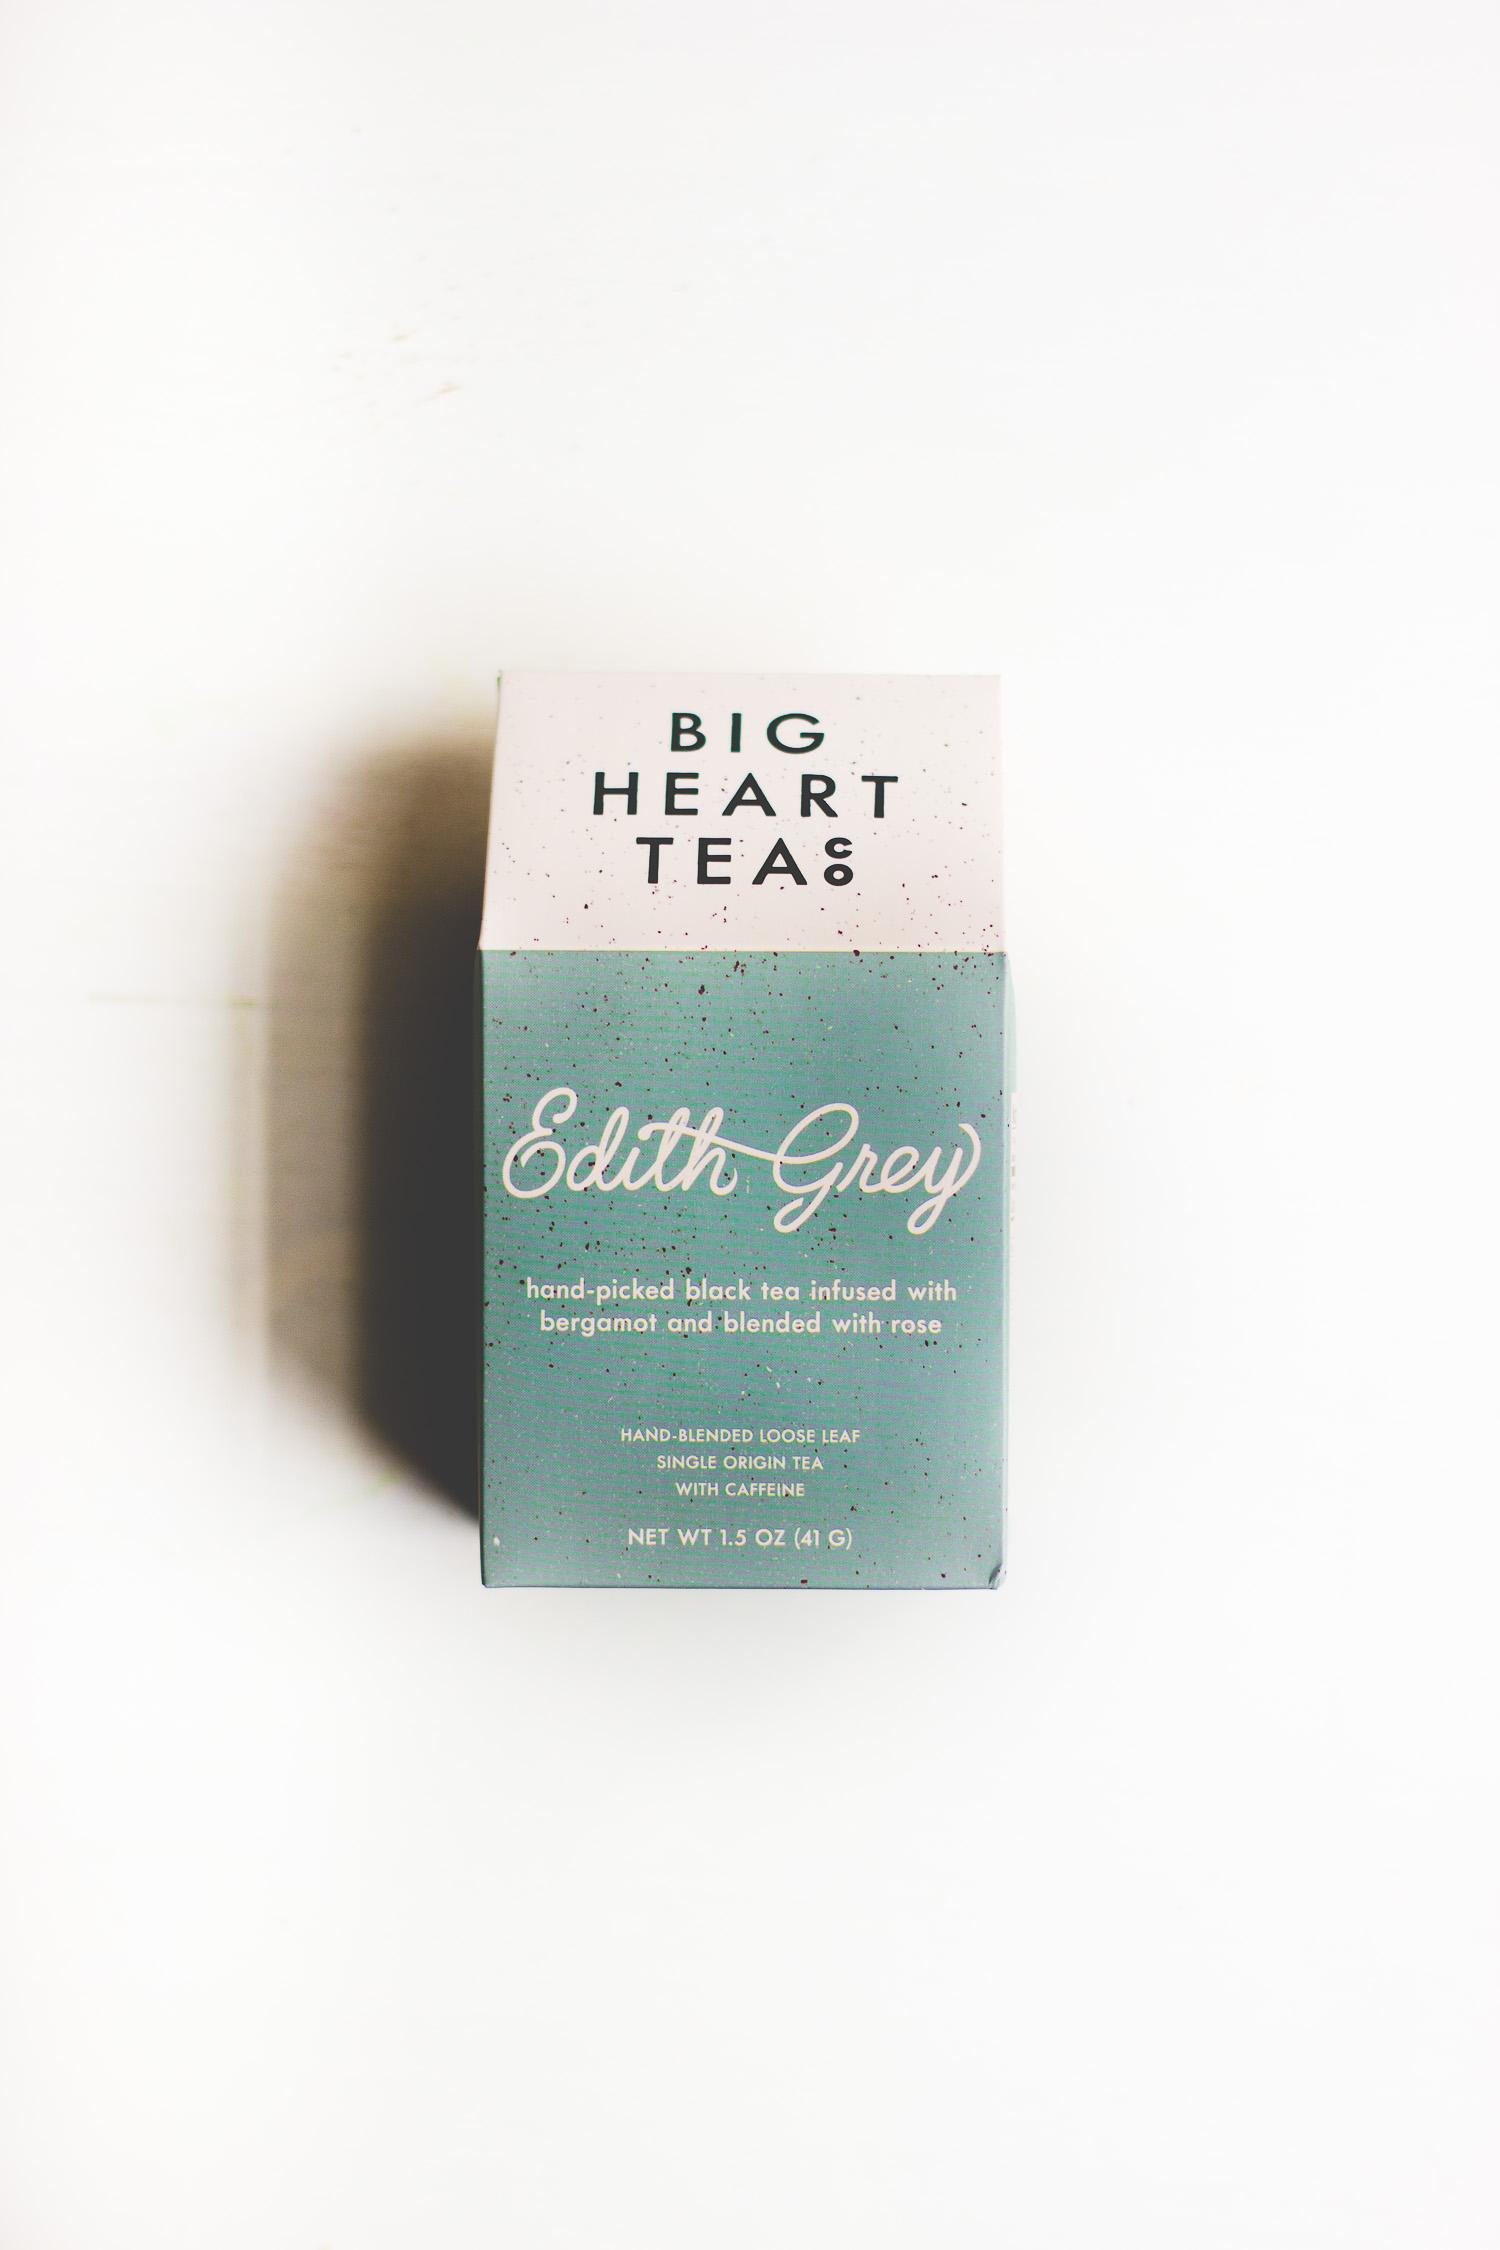 big-heart-tea-edith-grey-box.jpg